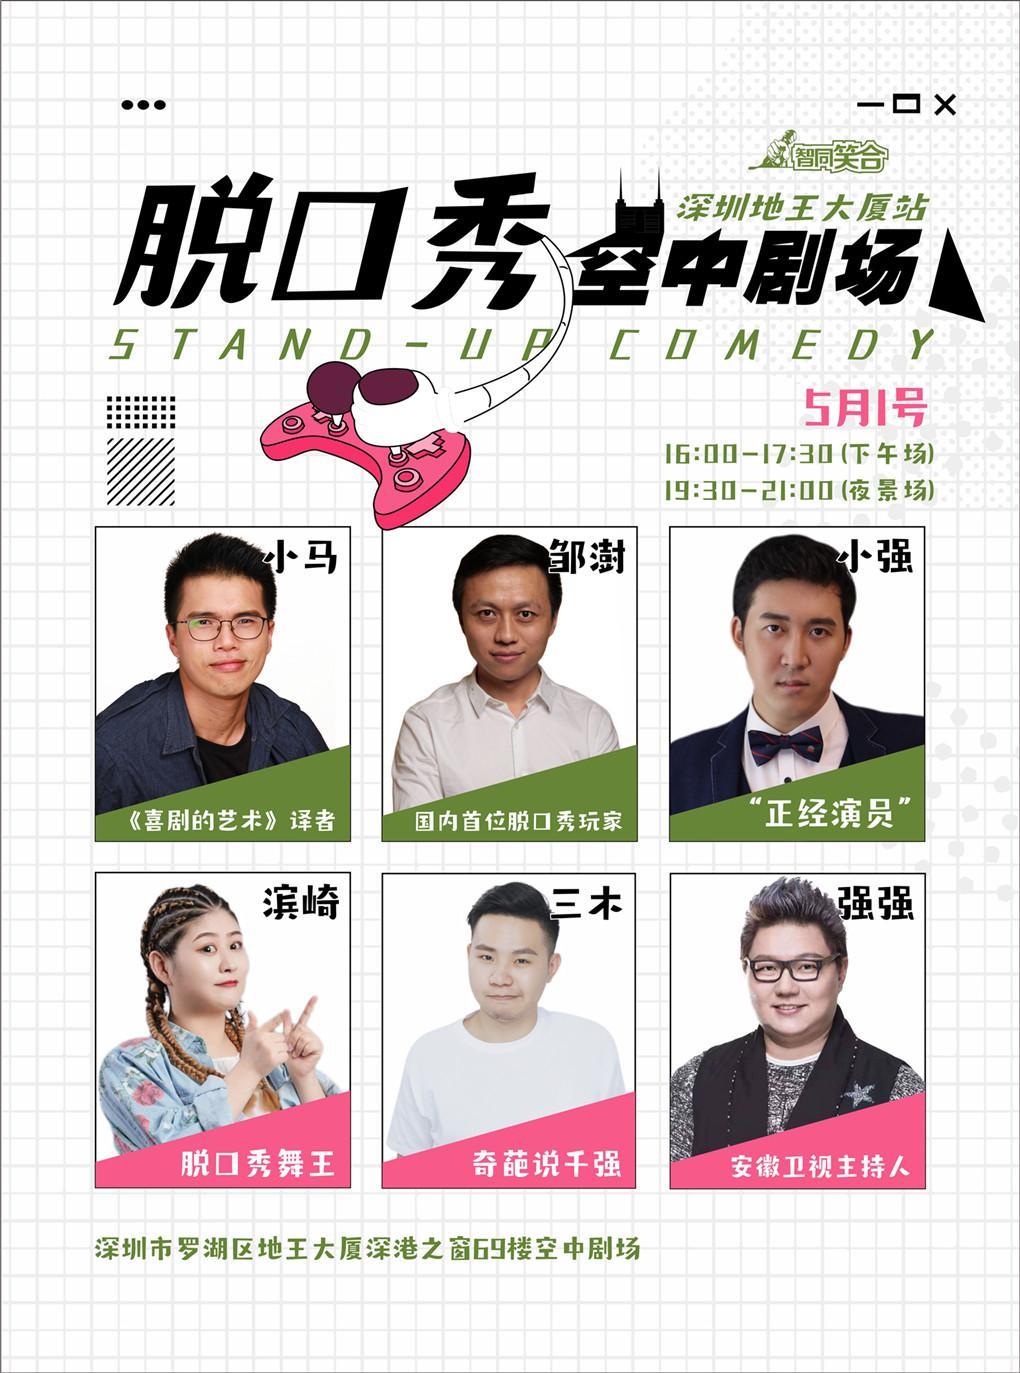 爆笑周末脱口秀小剧场-深圳地王站